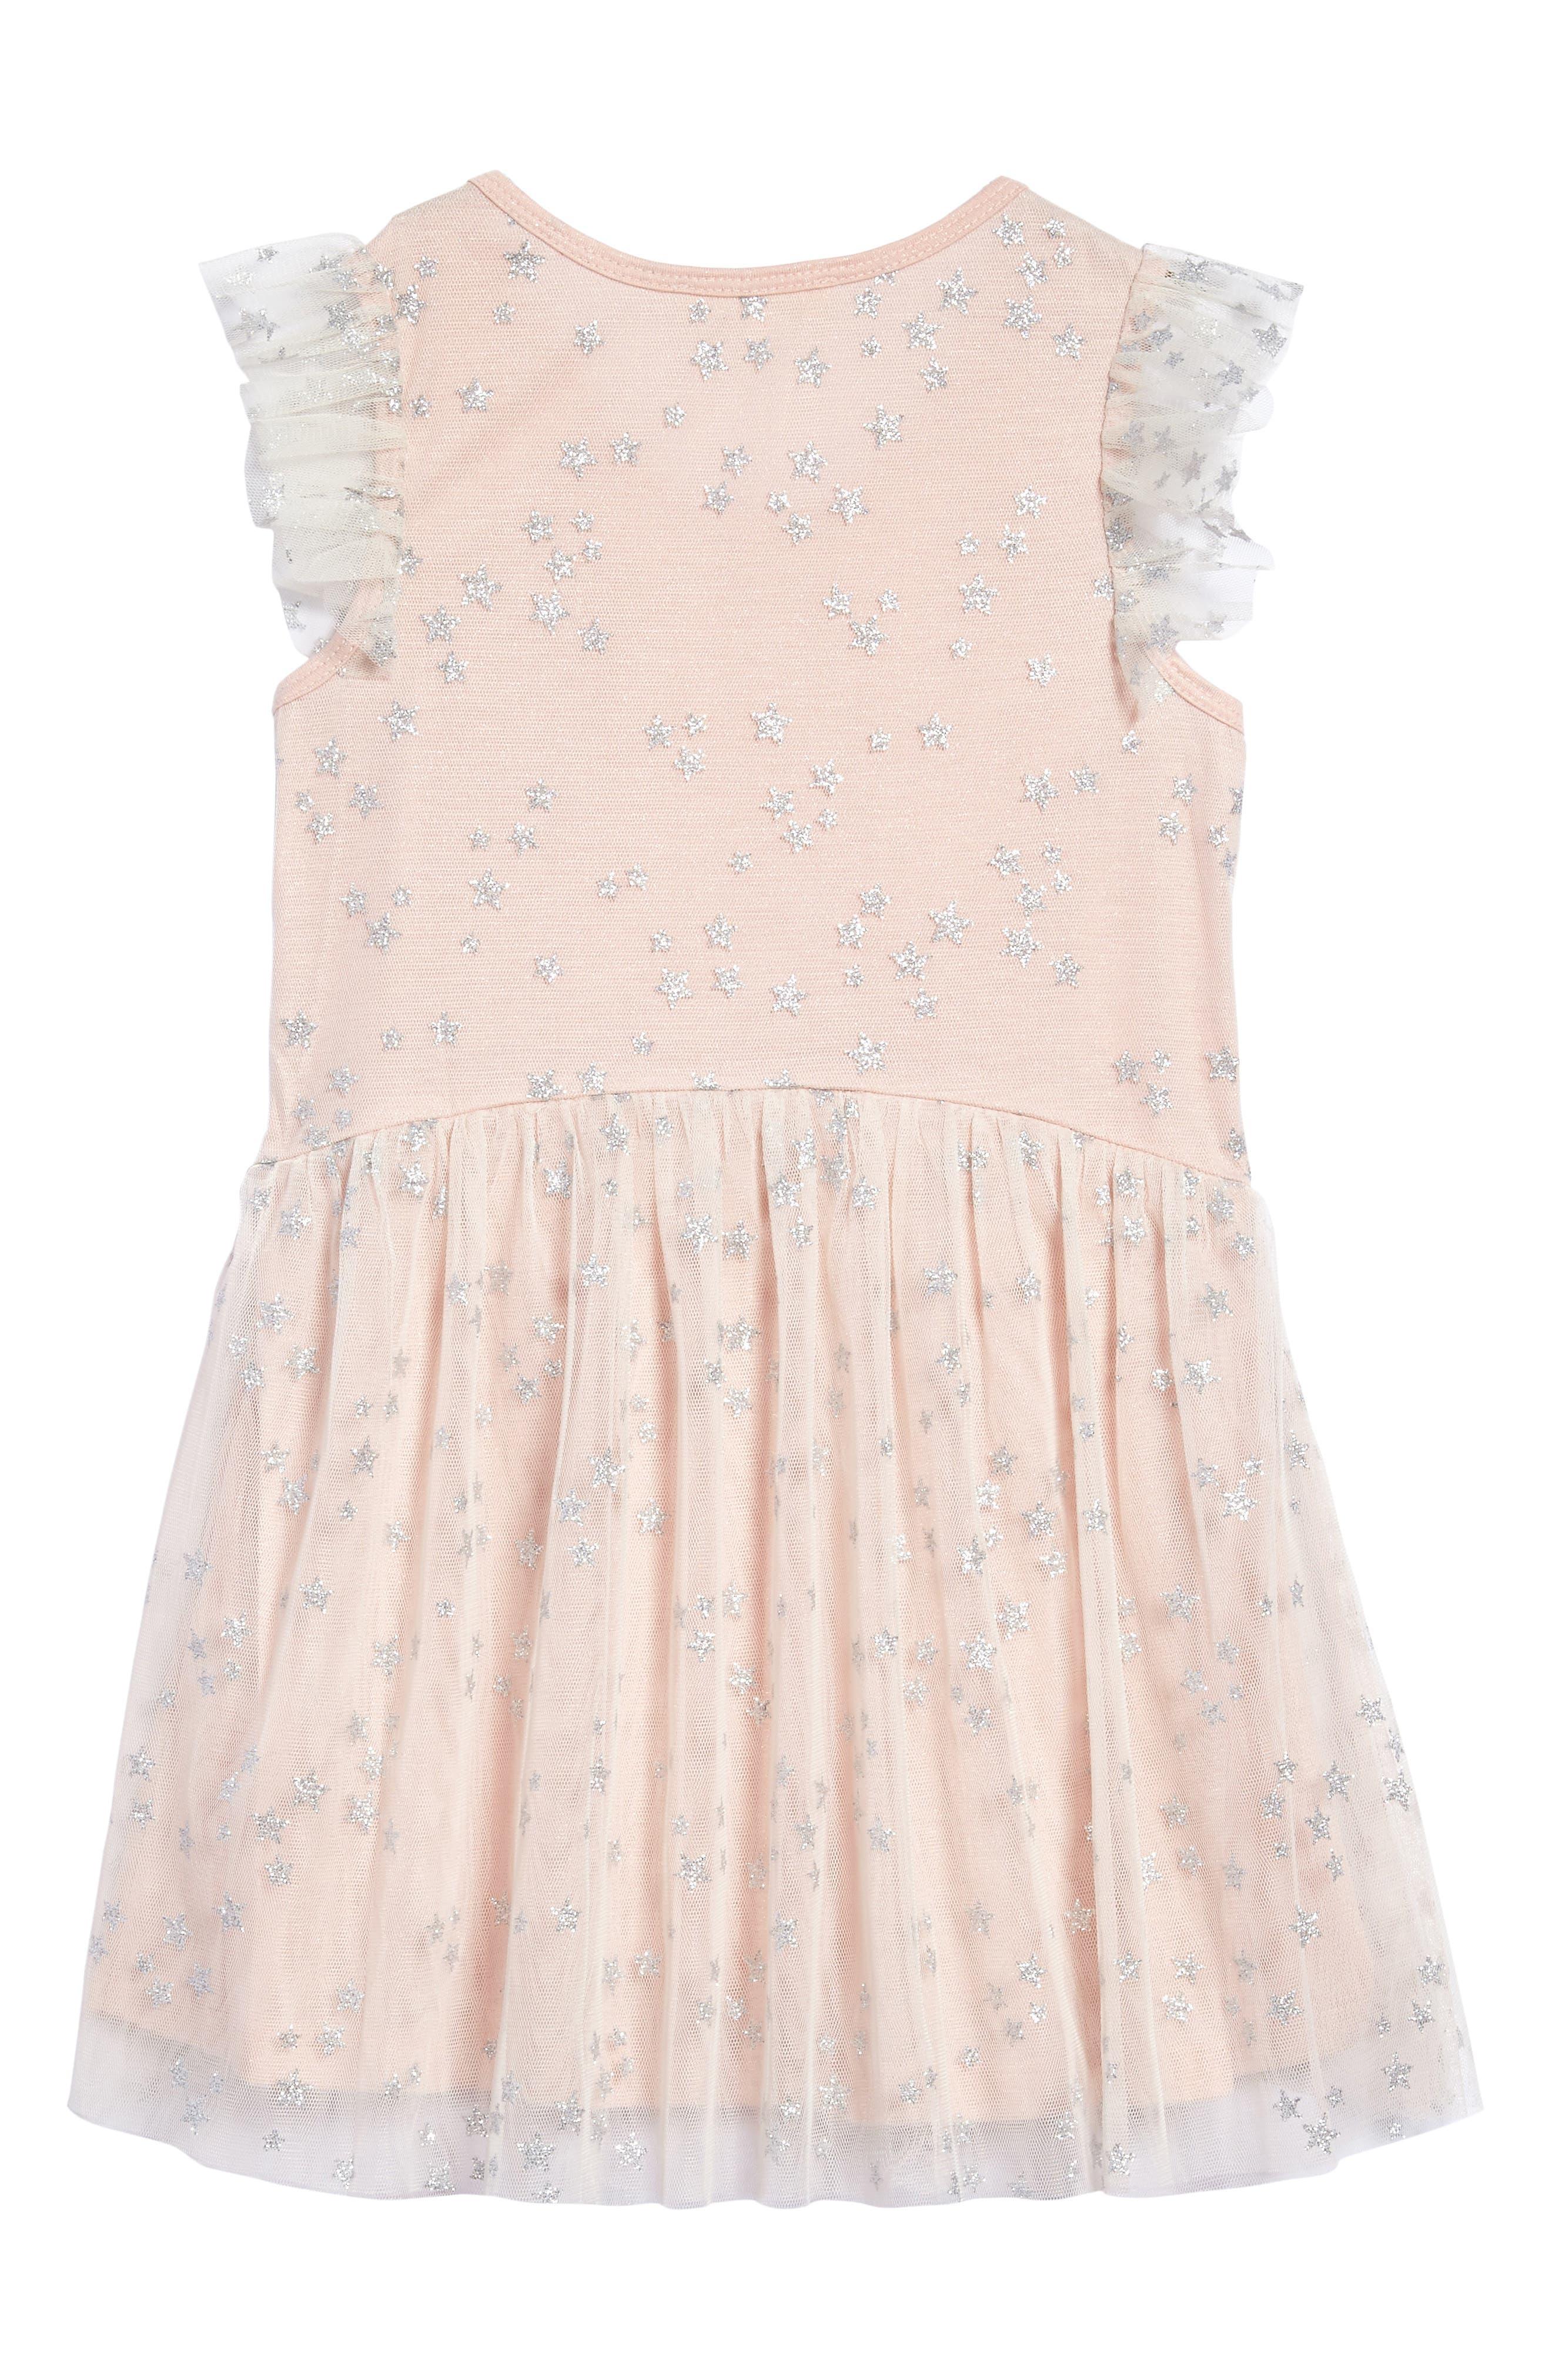 Alternate Image 2  - Truly Me Mesh Star Dress (Toddler Girls & Little Girls)